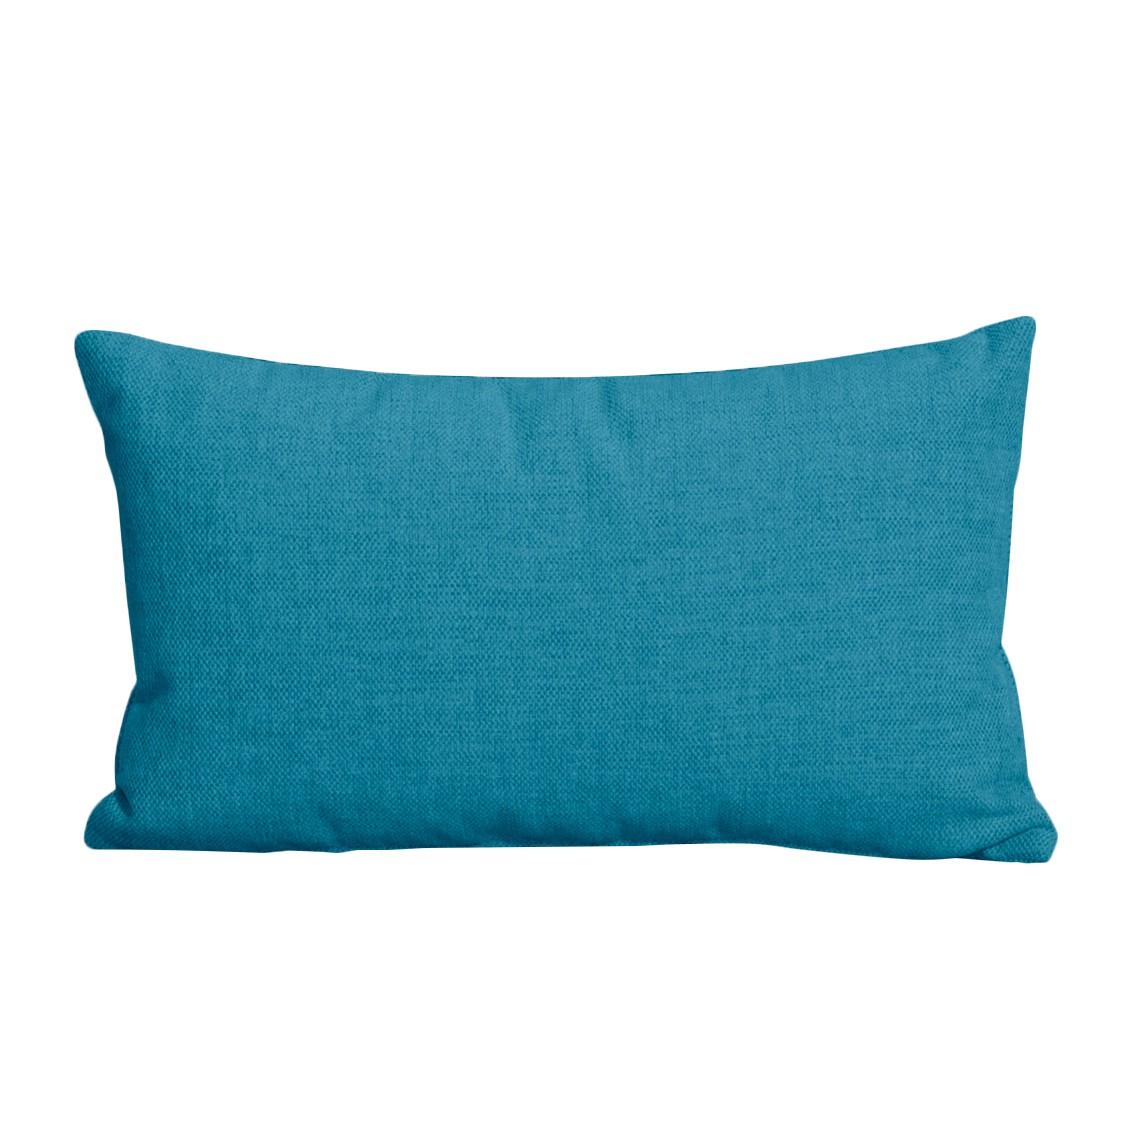 kissen houston webstoff stoff anda ii t rkis g nstig kaufen. Black Bedroom Furniture Sets. Home Design Ideas